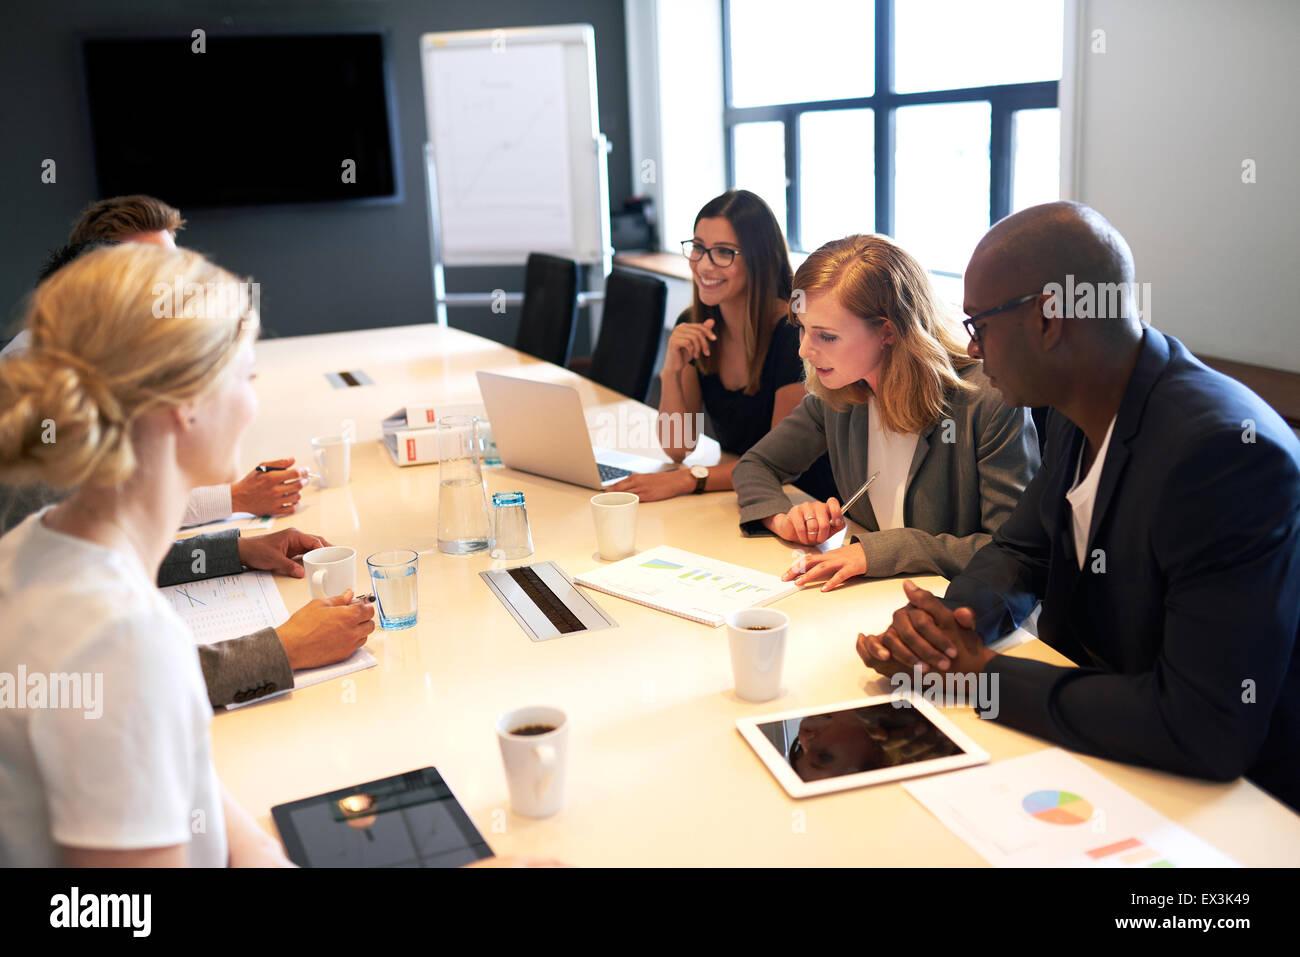 Gruppe von jungen Führungskräften, die Einberufung einer Sitzung in einem Konferenzraum Stockbild